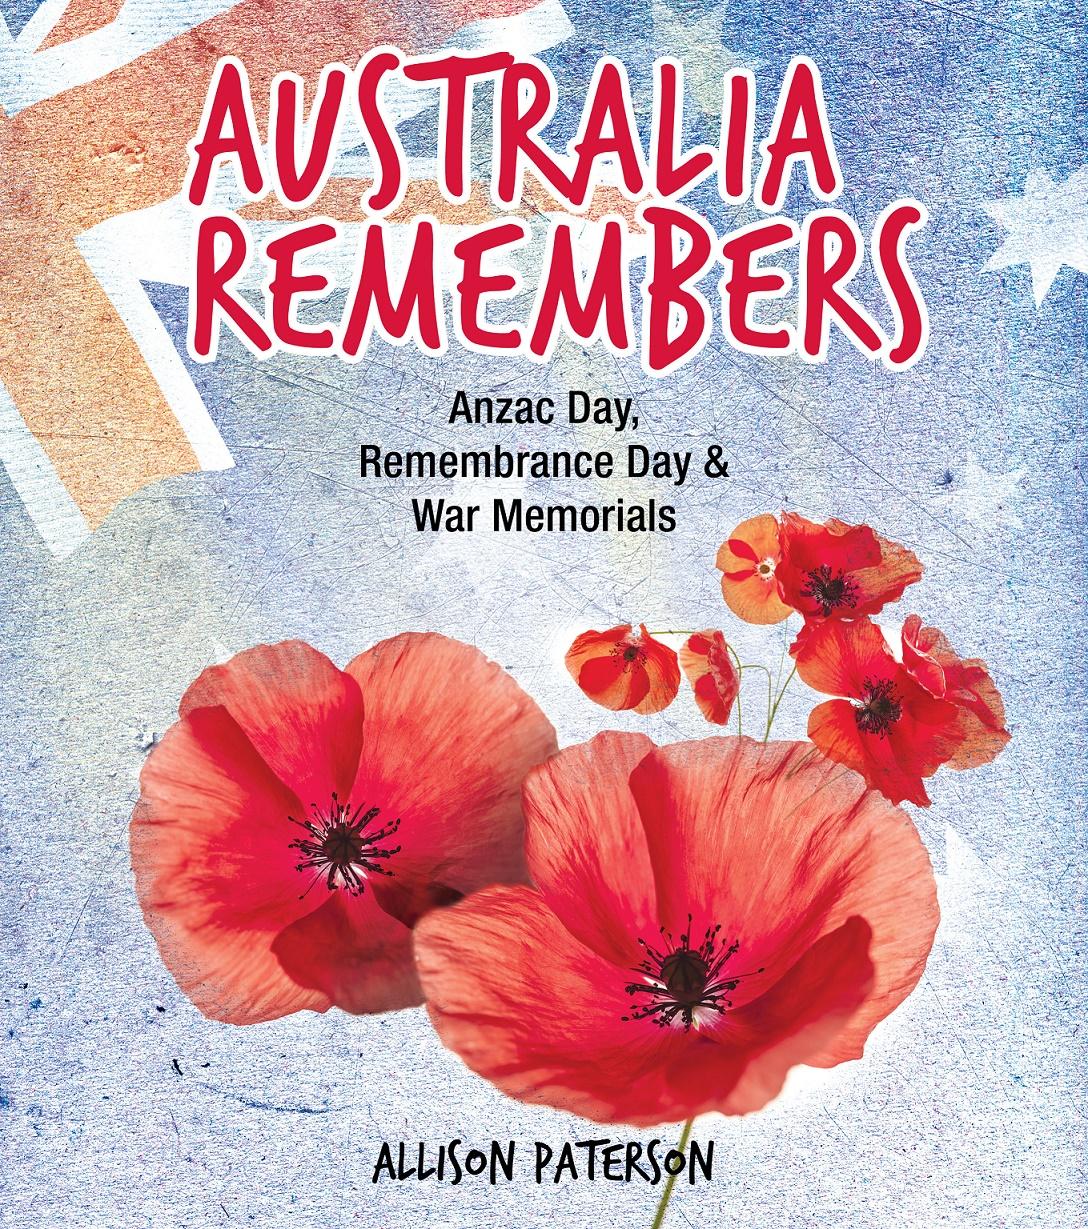 Australia-Remembers-Cover SMALLER.jpg